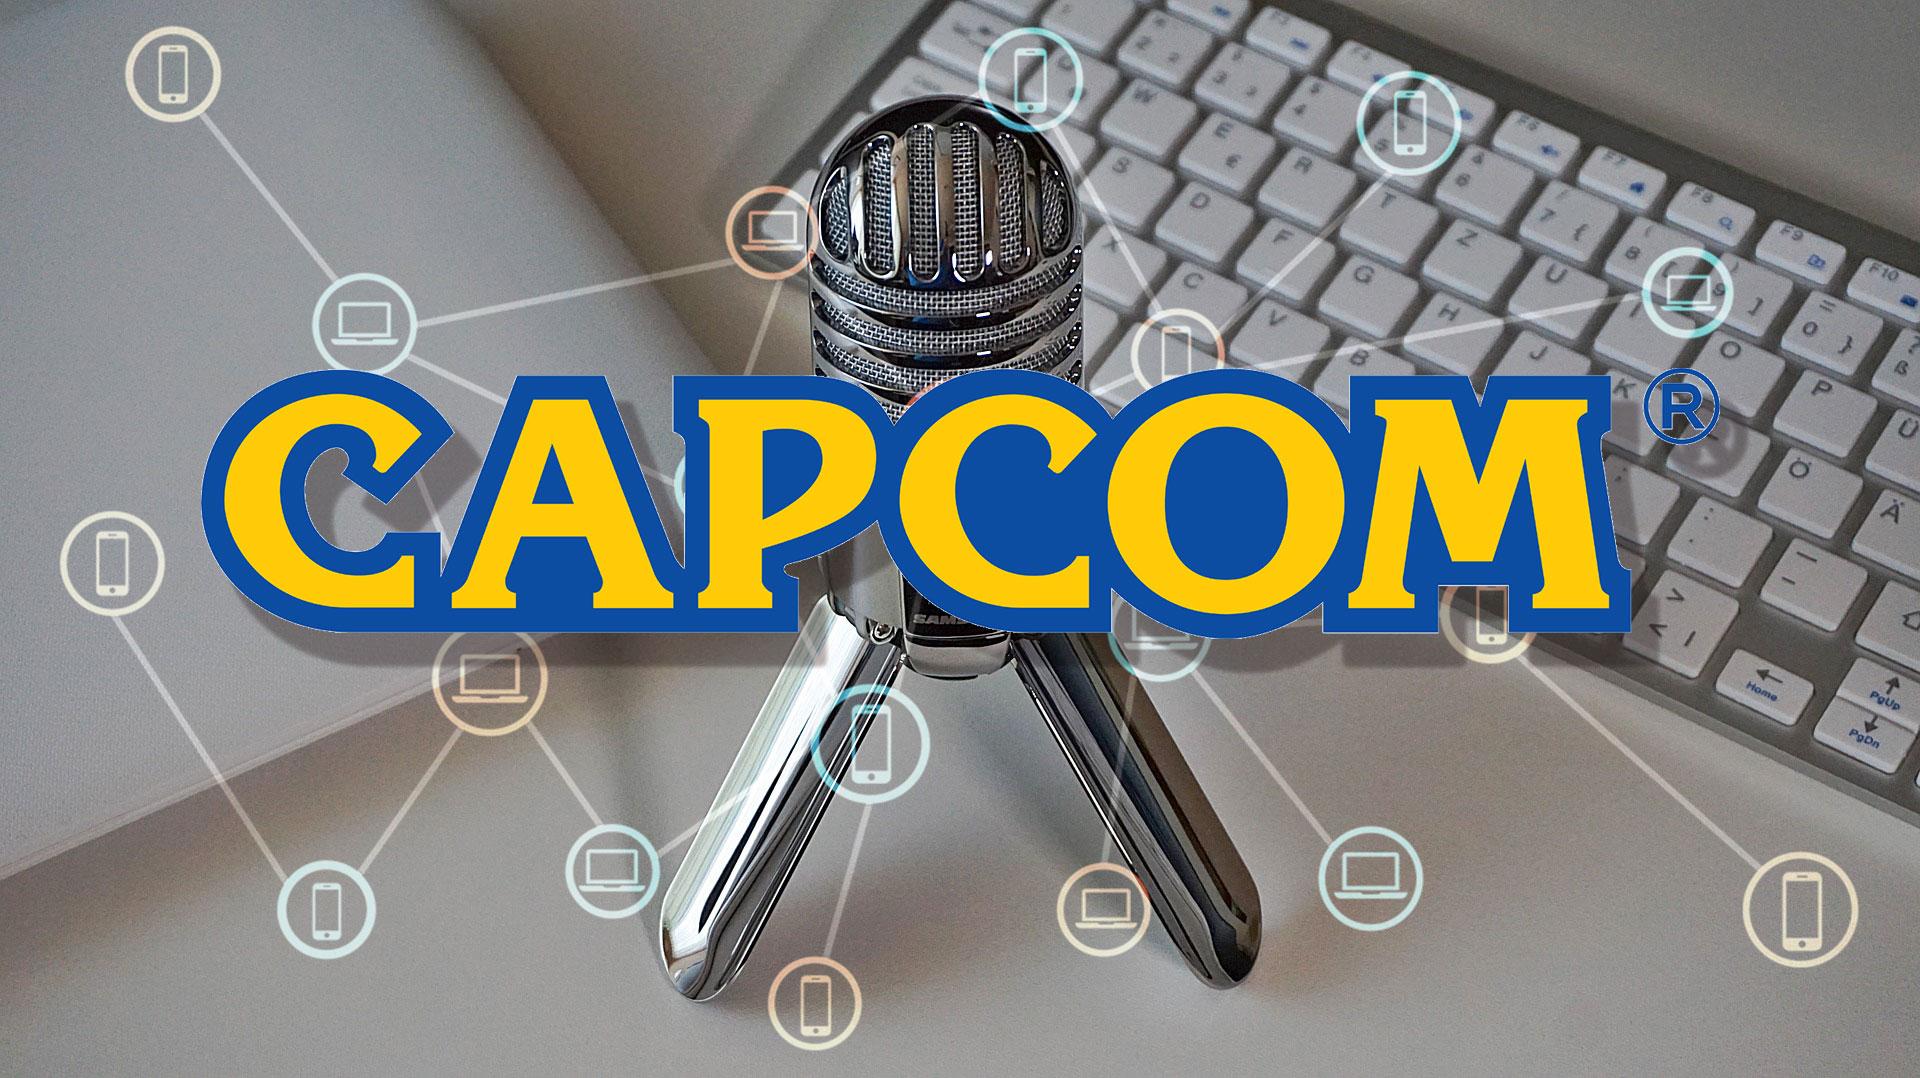 カプコン6月開催の株主総会をオンライン参加可能に!